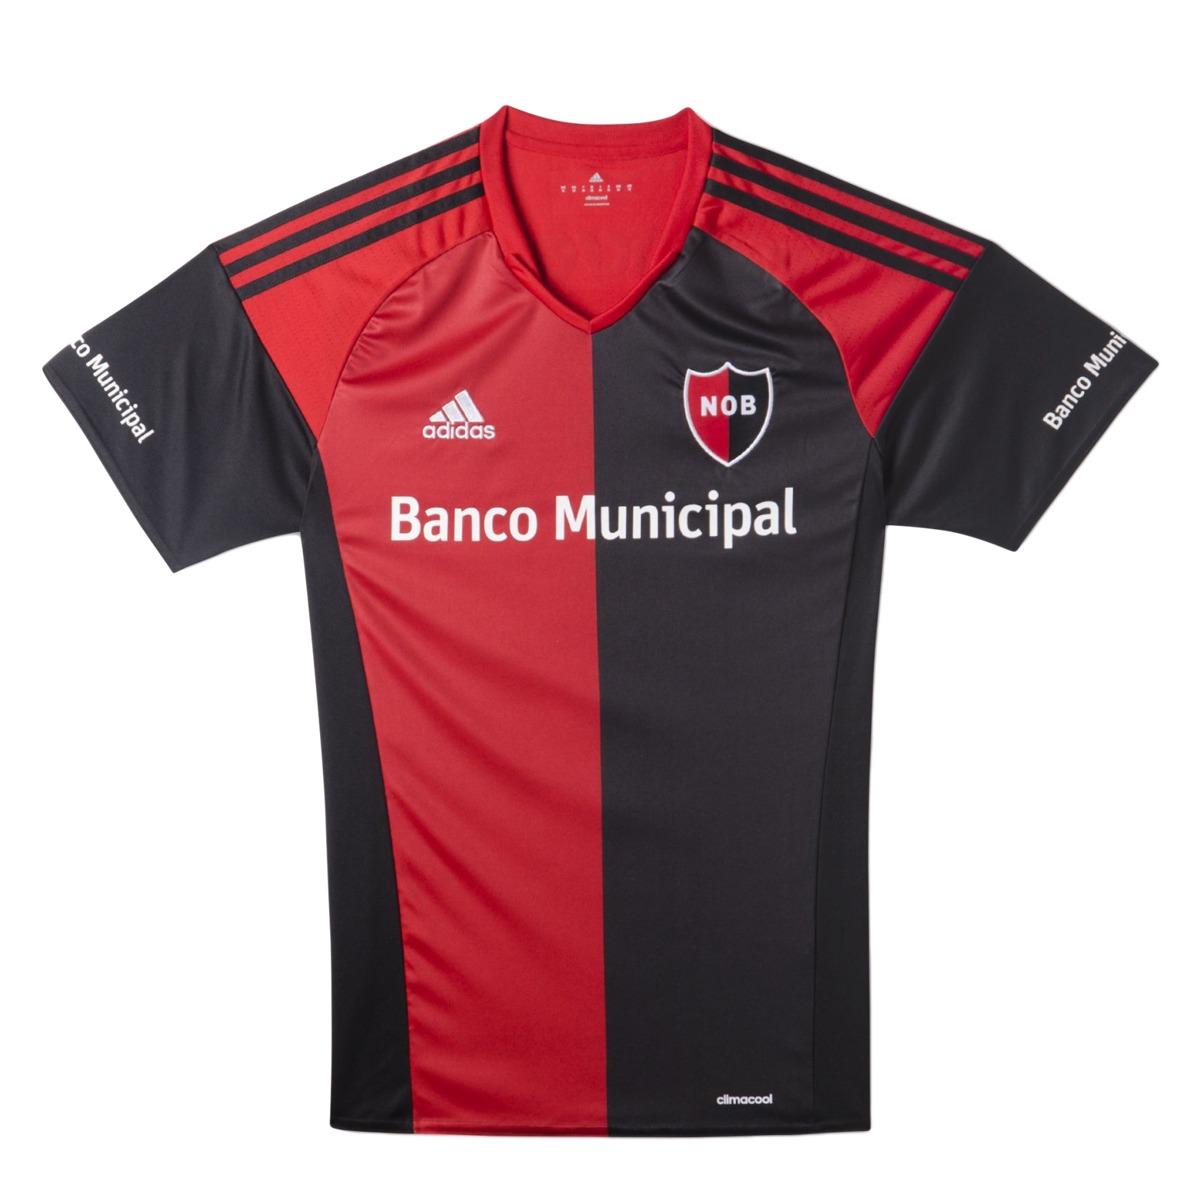 camiseta de futbol adidas futbol newells home hombre ng rj. Cargando zoom. 92e32fdf2c308